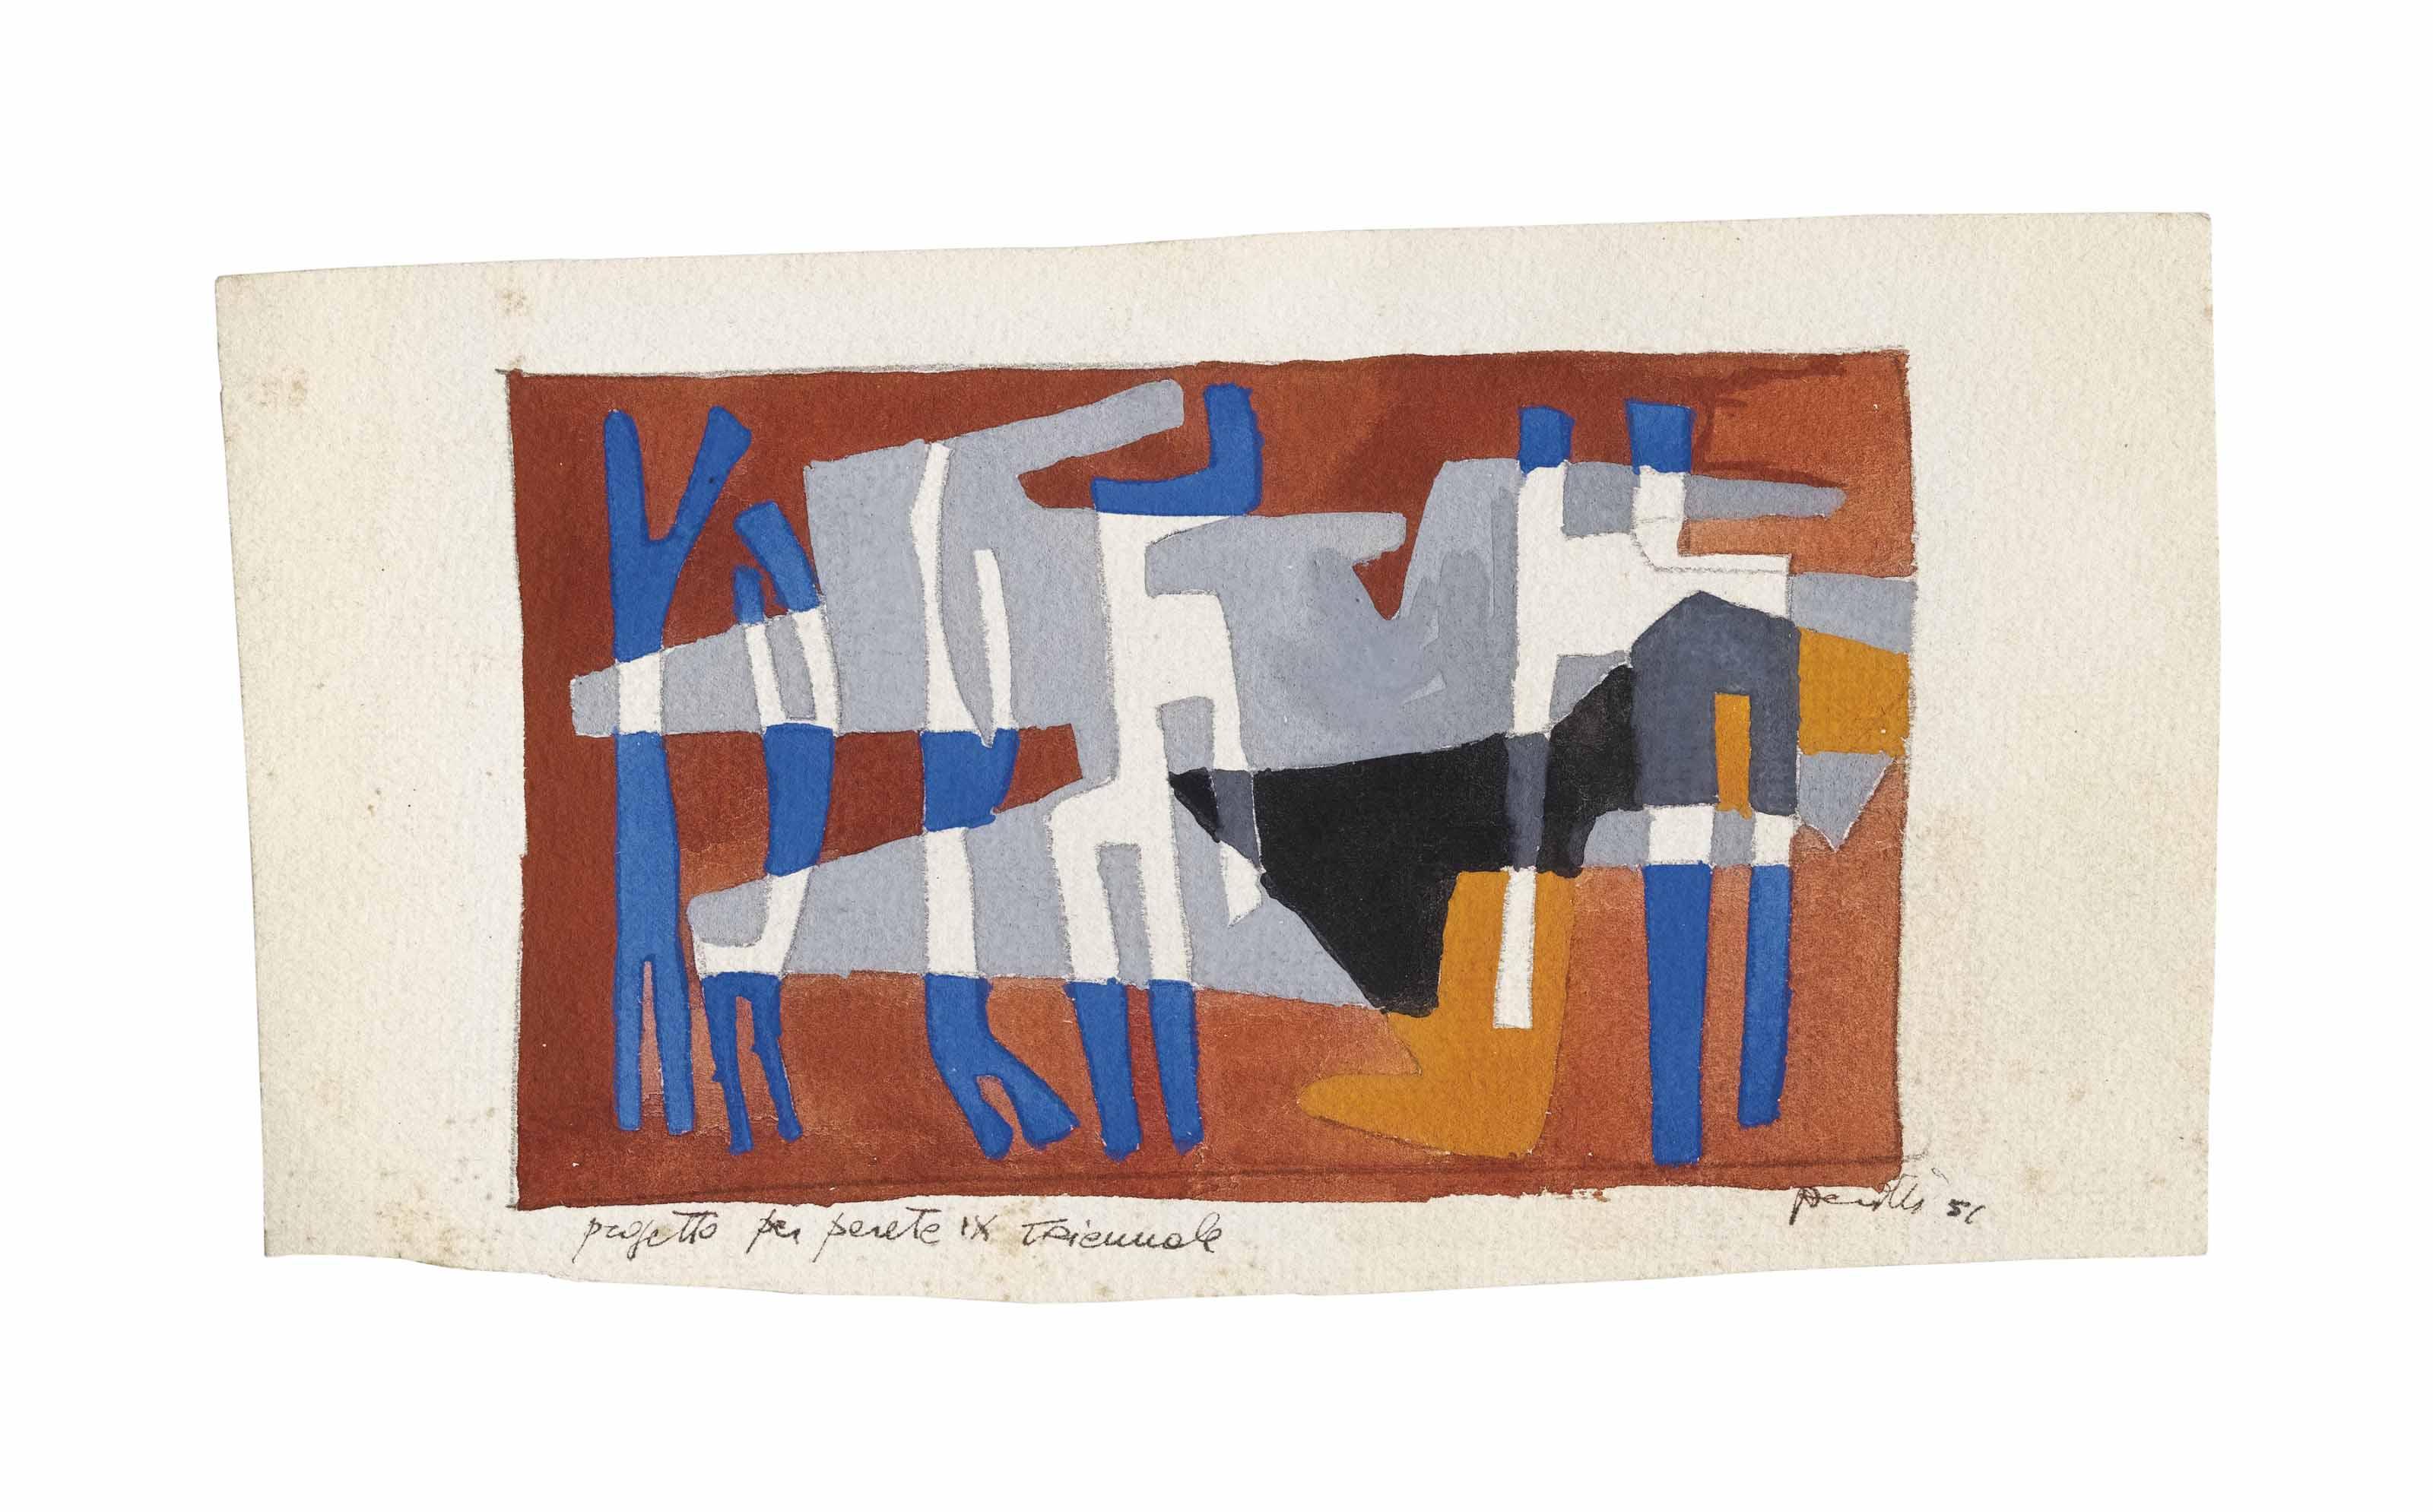 Lotto di due opere: a) Progetto per parete IX Triennale    firmato e datato Perilli 51 (in basso a destra); titolo    Progetto per parete IX Triennale (in basso a sinistra)    matita e tempera su cartoncino    cm 10,5x19,8    Eseguito nel 1951    Autentica dell'artista su fotografia in data 26 aprile 2006 b) Senza titolo    pastello su carta    firmato e datato Perilli 58 (in basso a destra)    cm 34,3x48,2    Eseguito nel 1958    Autentica dell'artista su fotografia in data 20 maggio 1992  (2)